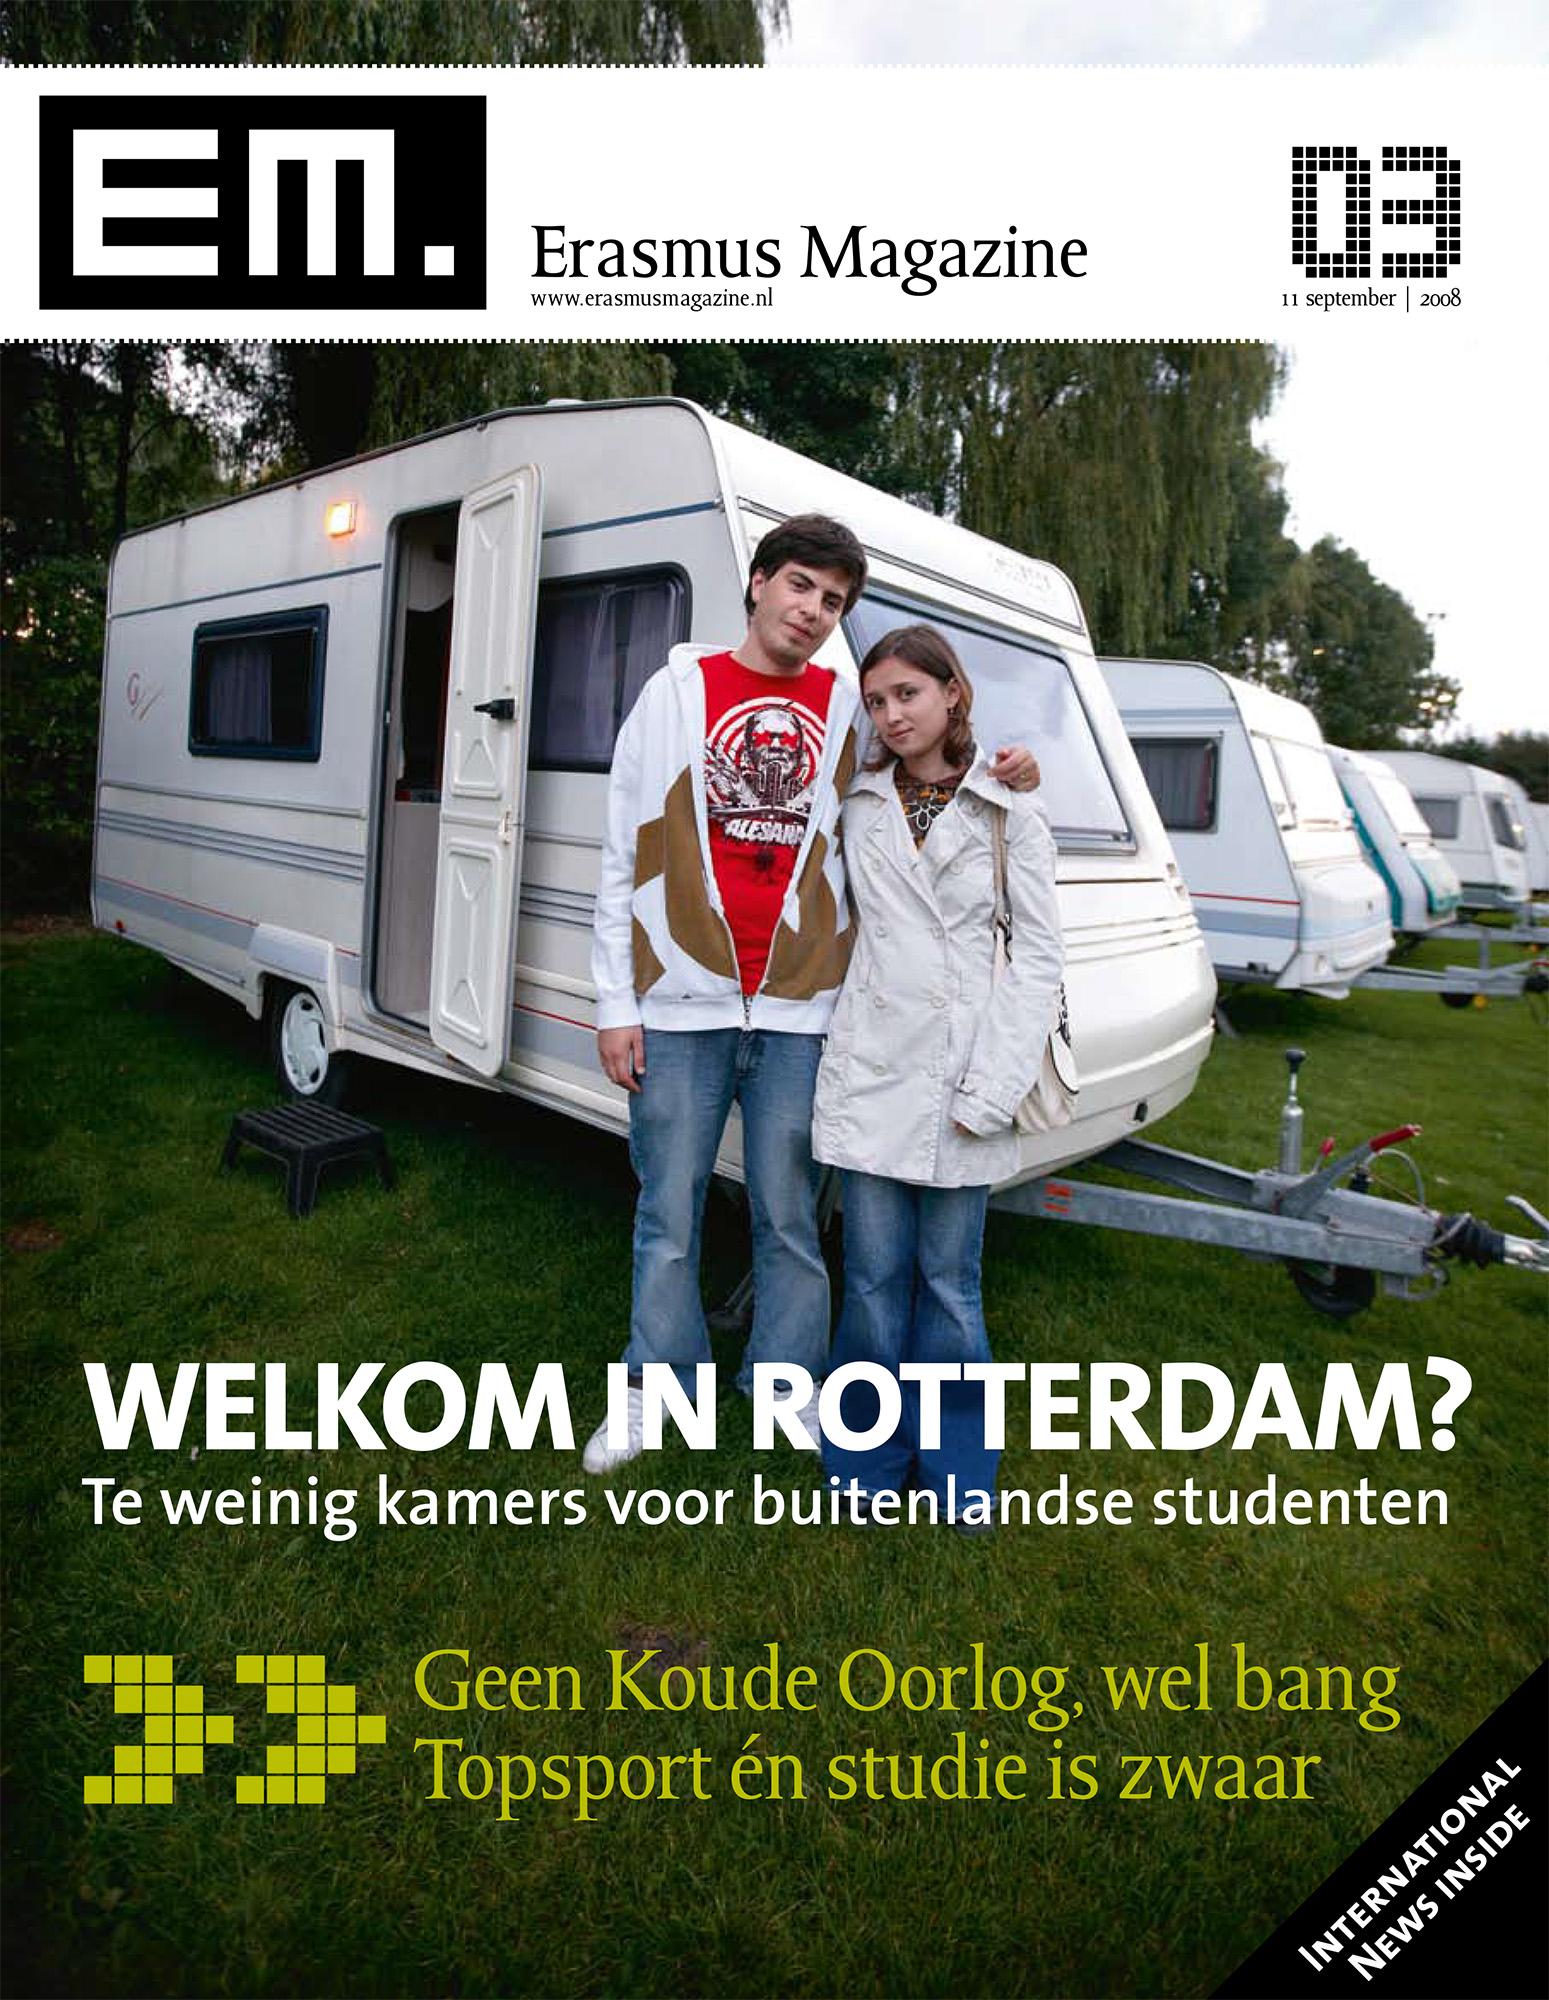 EM 03-1 copy